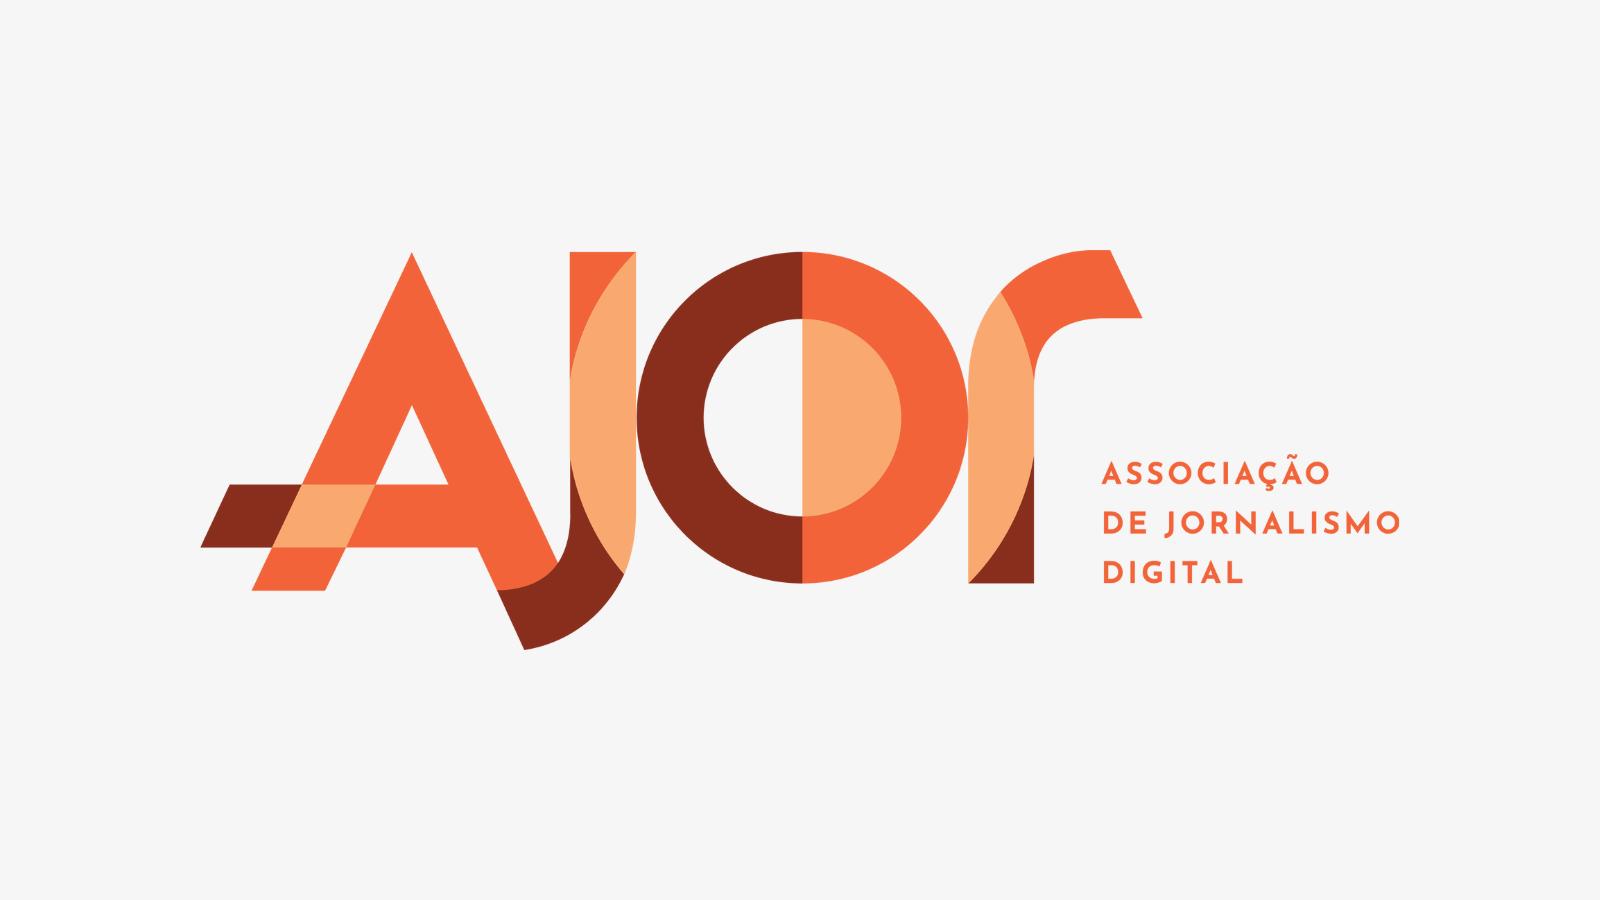 Ajor repudia MP que altera Marco Civil da Internet e restringe remoção de conteúdo das plataformas